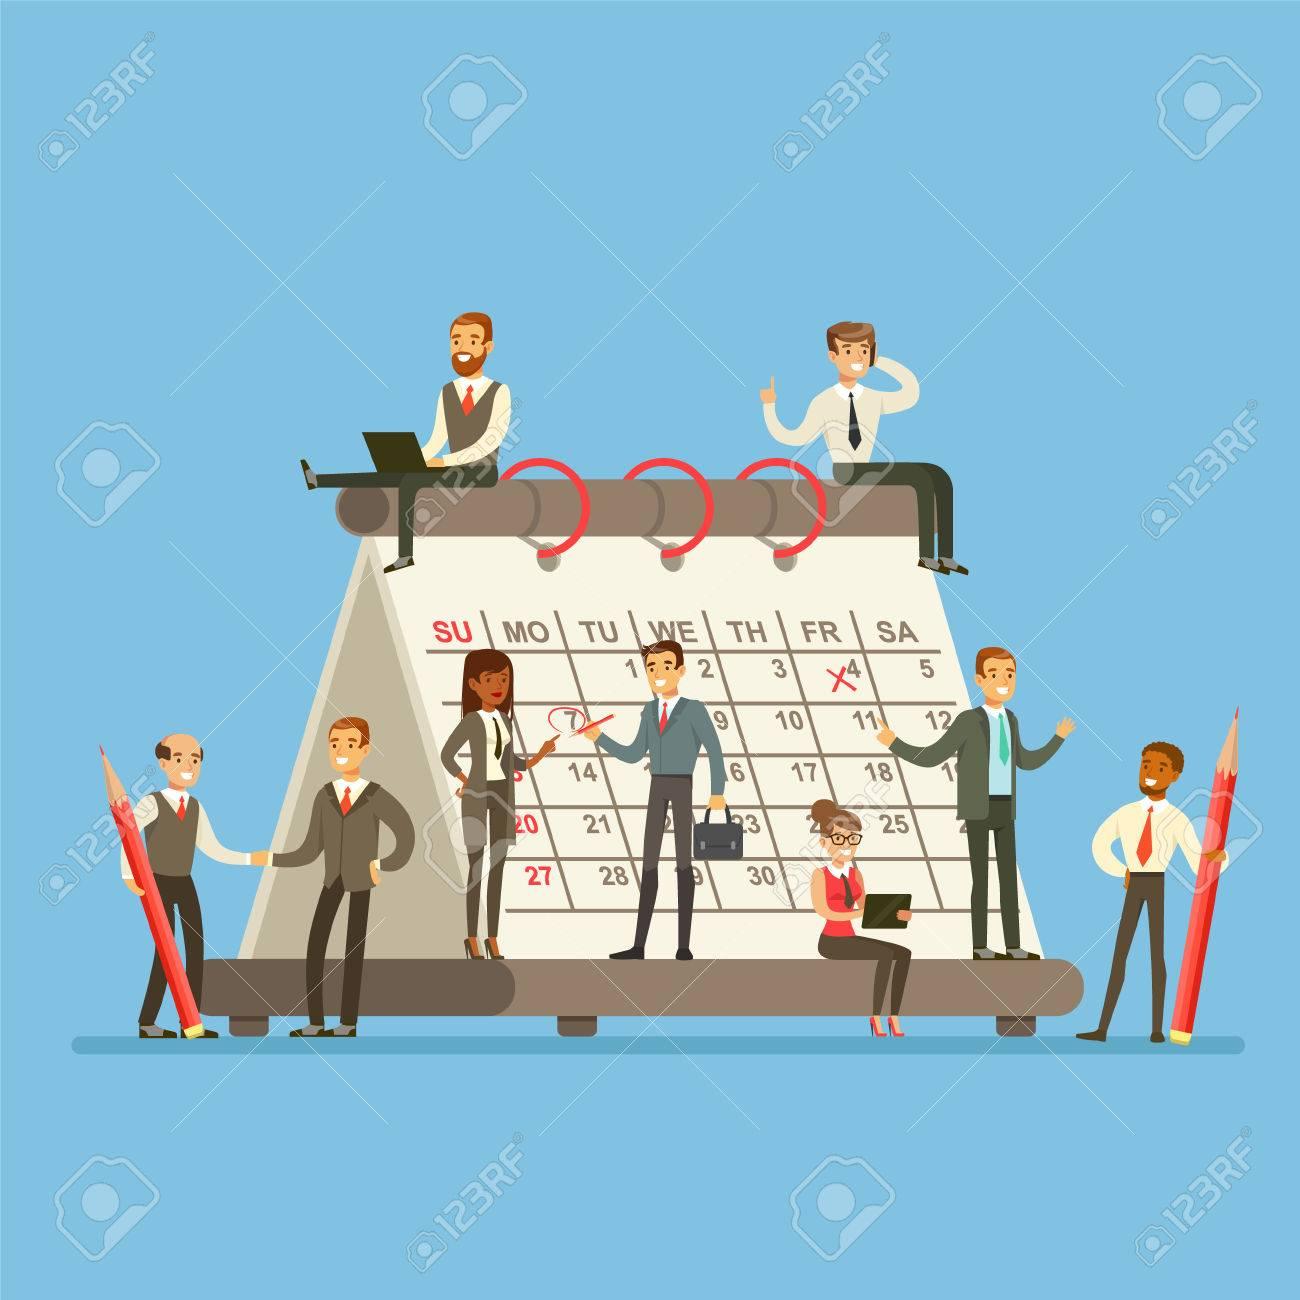 Calendrier Geant.Personnes Qui Travaillent Dans Une Entreprise Autour D Un Calendrier Geant Parler Discuter Et Planifier La Strategie